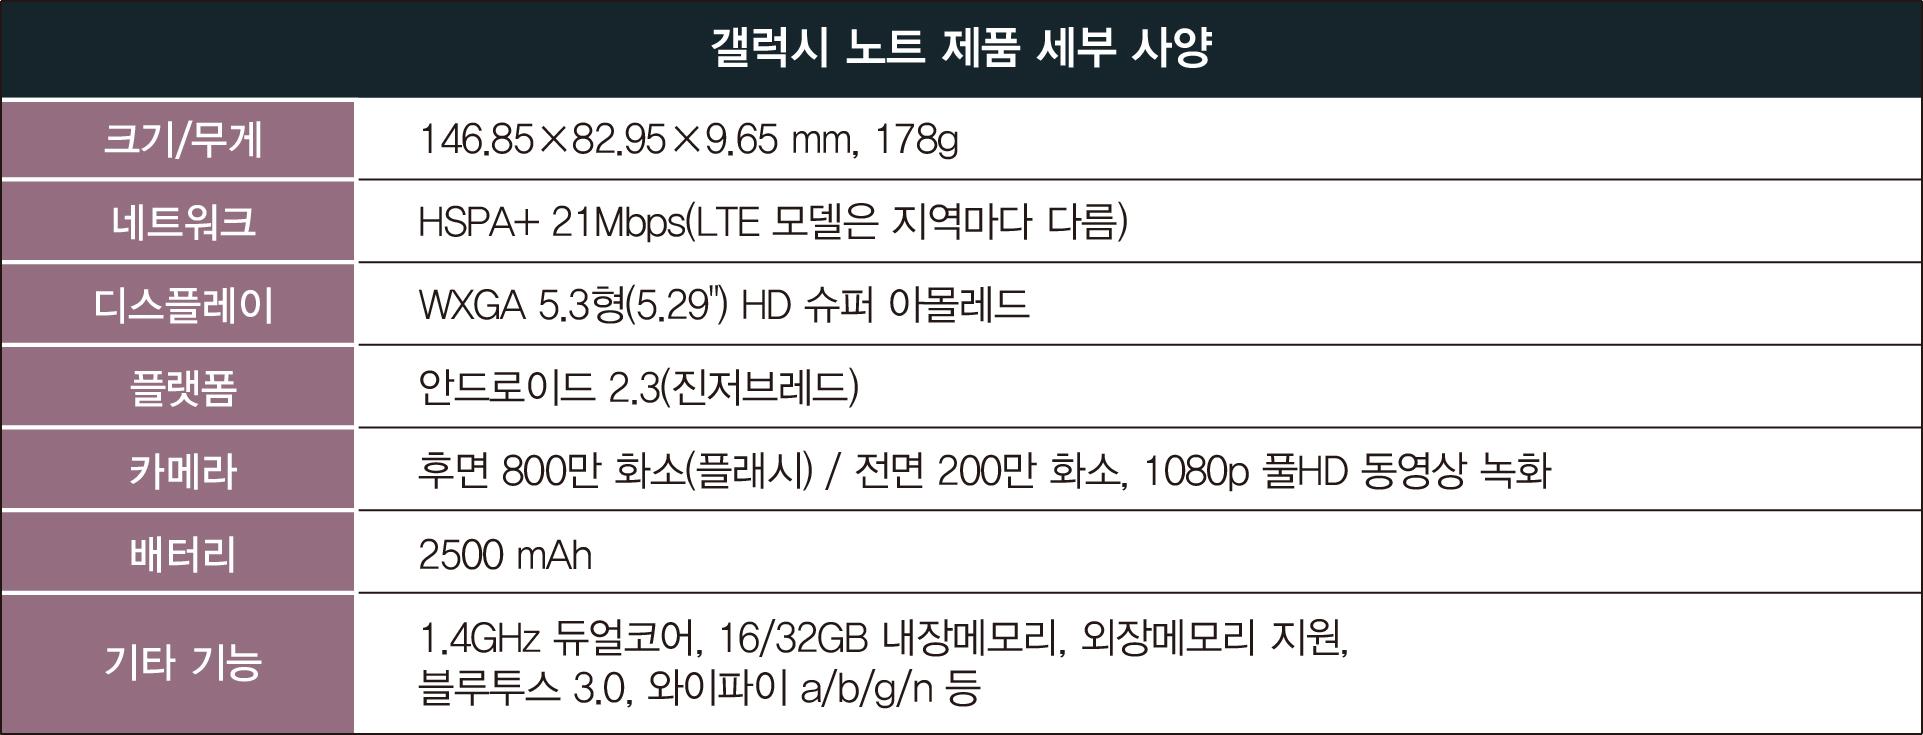 갤럭시 노트 제품 세부 사양, 크기/무게 146.85 X 82.95 X 9.65mm, 178g 네트워크 HSPA+ 21Mbps(LTE 모델은 지역마다 다름) 디스플레이 WXGA 5.3형(5.29